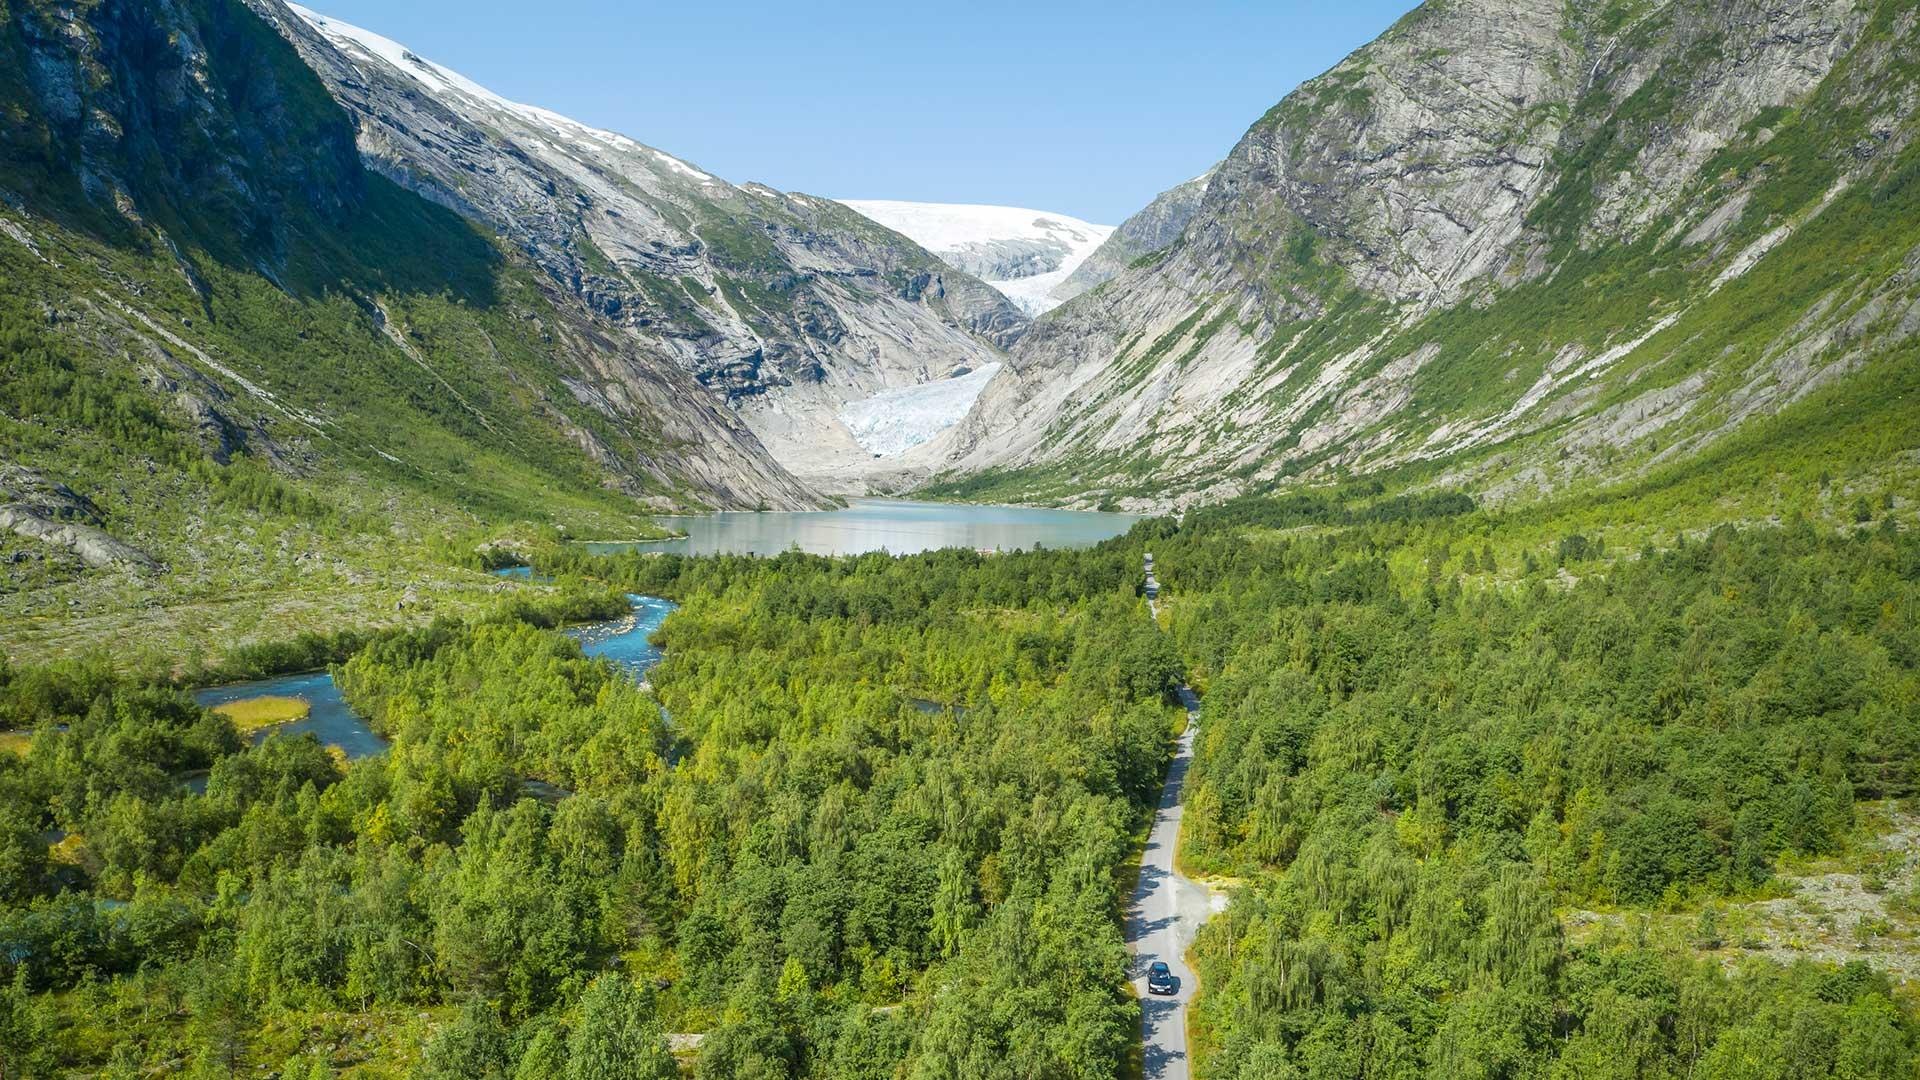 Bilde av brevegen med isbreen i bakgrunnen